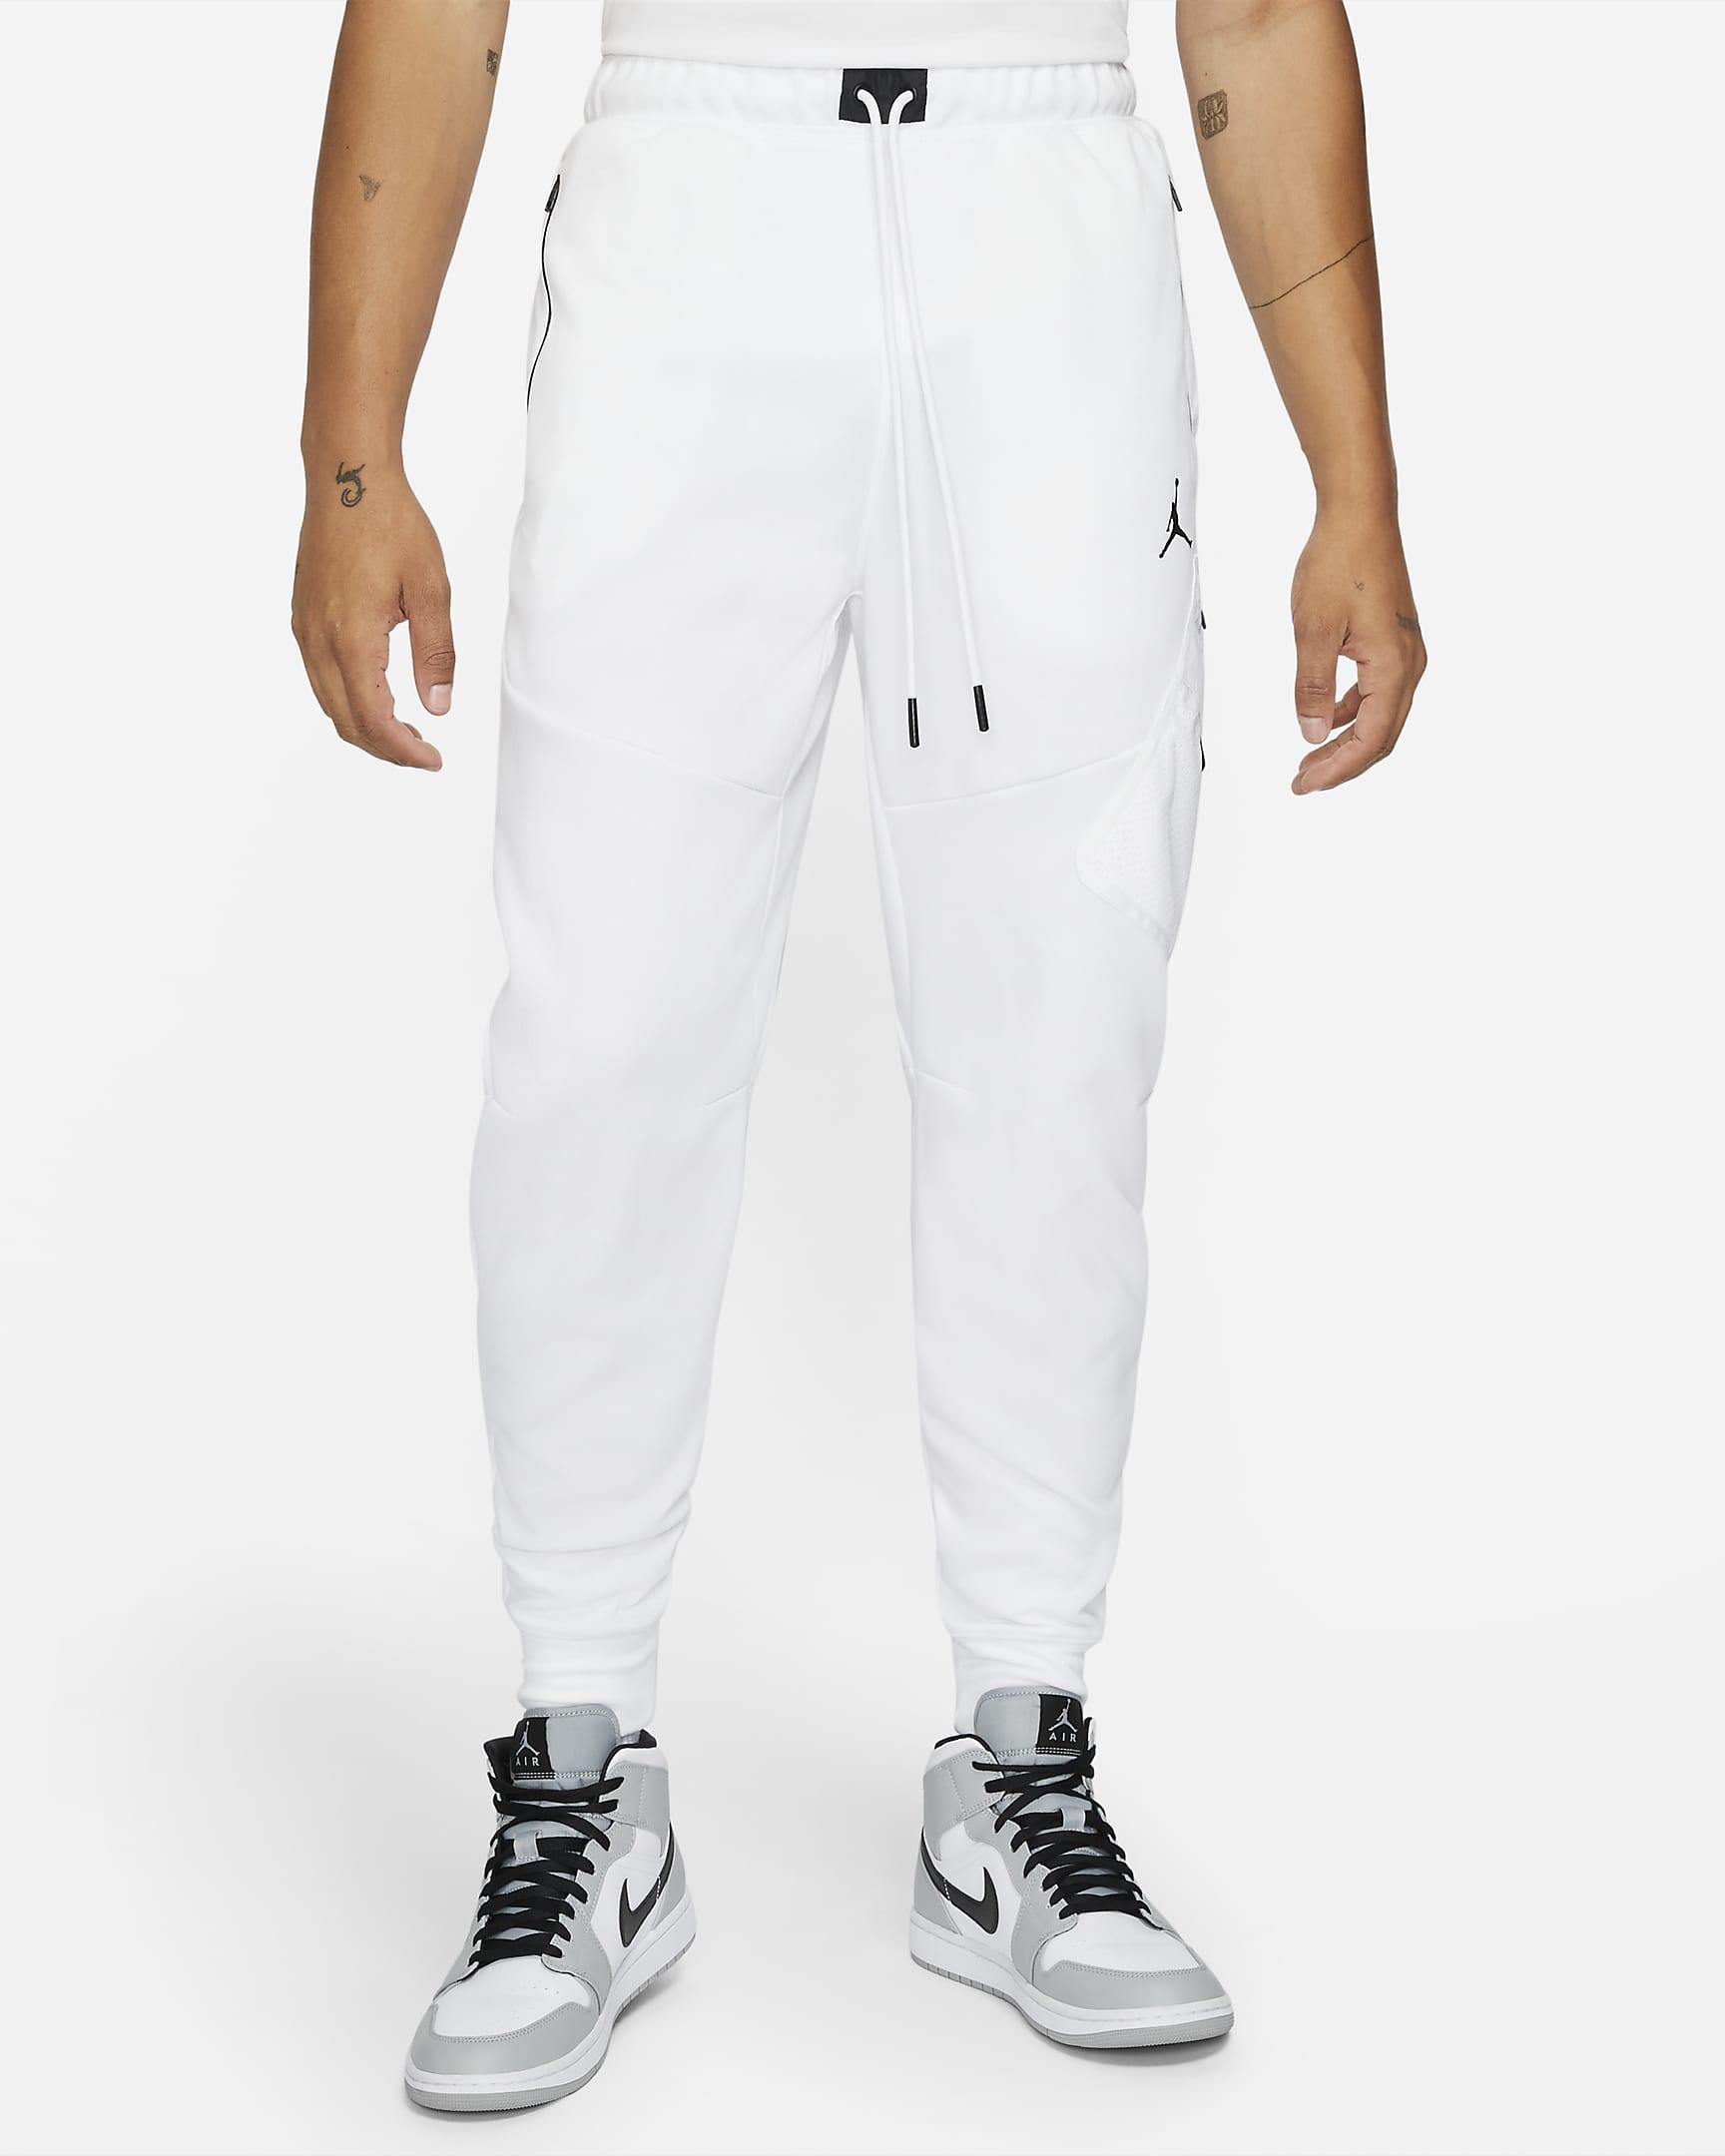 jordan-dri-fit-air-mens-pants-2FKn4X-5.png